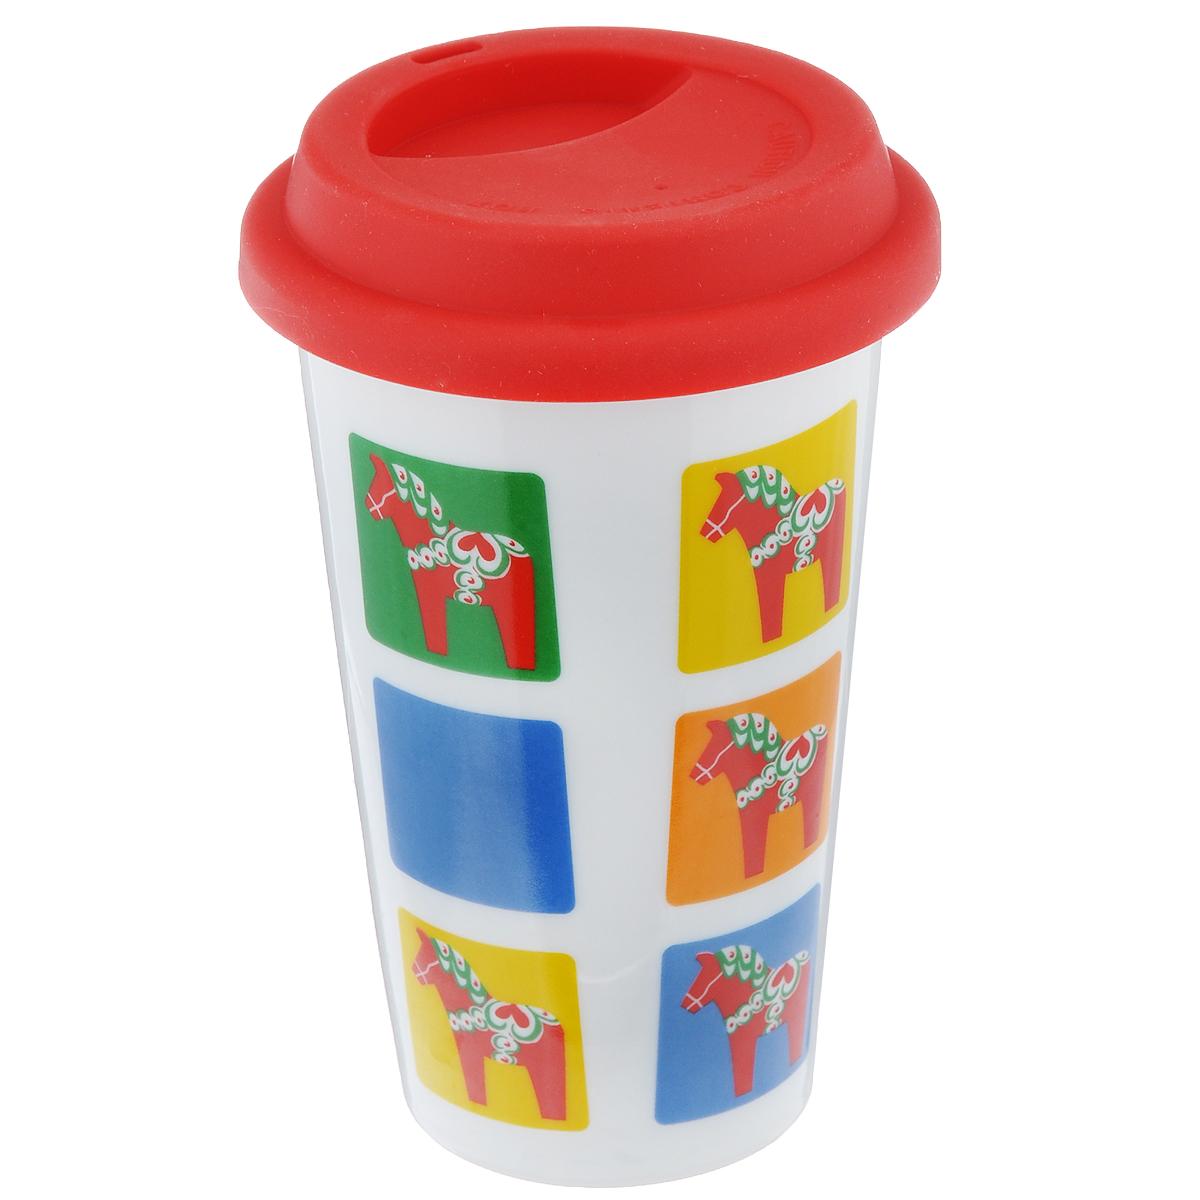 Термокружка Sagaform Cafe с силиконовой крышкой, цвет: белый, синий, желтый, 305 мл5016401Термокружка Sagaform Cafe изготовлена из фарфора и оснащена плотно закрывающейся силиконовой крышкой. Внешние стенки кружки оформлены ярким рисунком. На крышке имеется специальная прорезь для питья, благодаря чему кружку можно брать с собой в дорогу или на прогулку. Толстые стенки и плотно прилегающая крышка позволят вашему напитку дольше оставаться горячим. Можно мыть в посудомоечной машине и использовать в СВЧ-печах. Объем: 305 мл. Высота кружки (без учета крышки): 13,5 см. Диаметр кружки: 9 см.